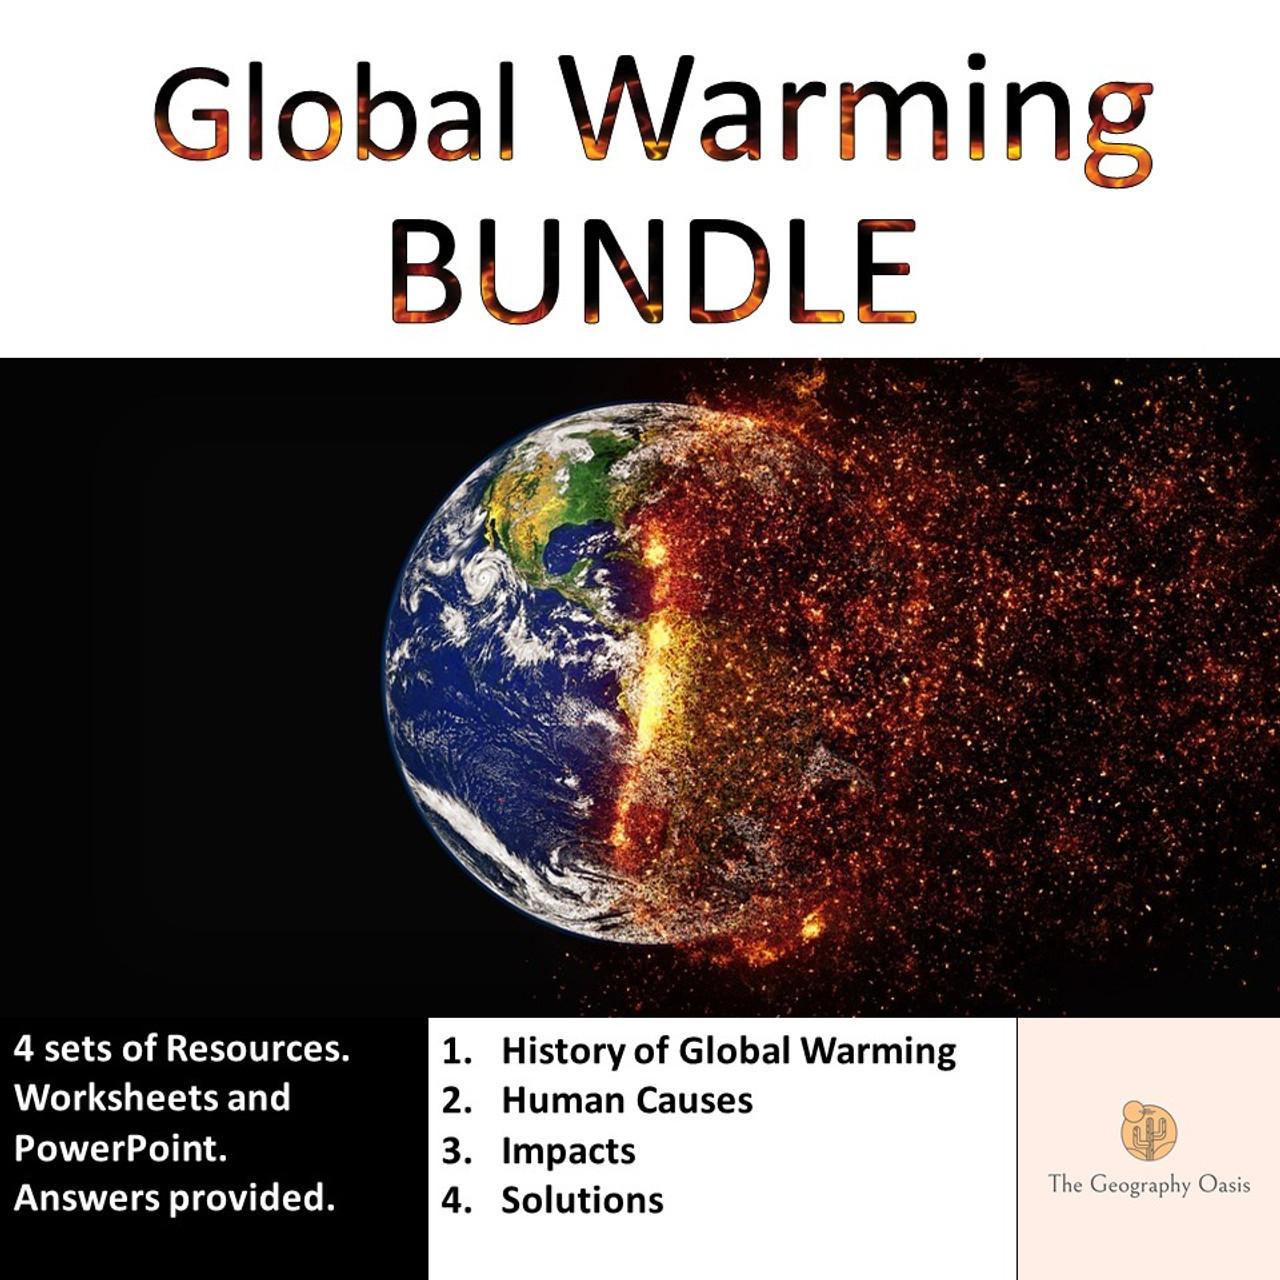 Global Warming Bundle